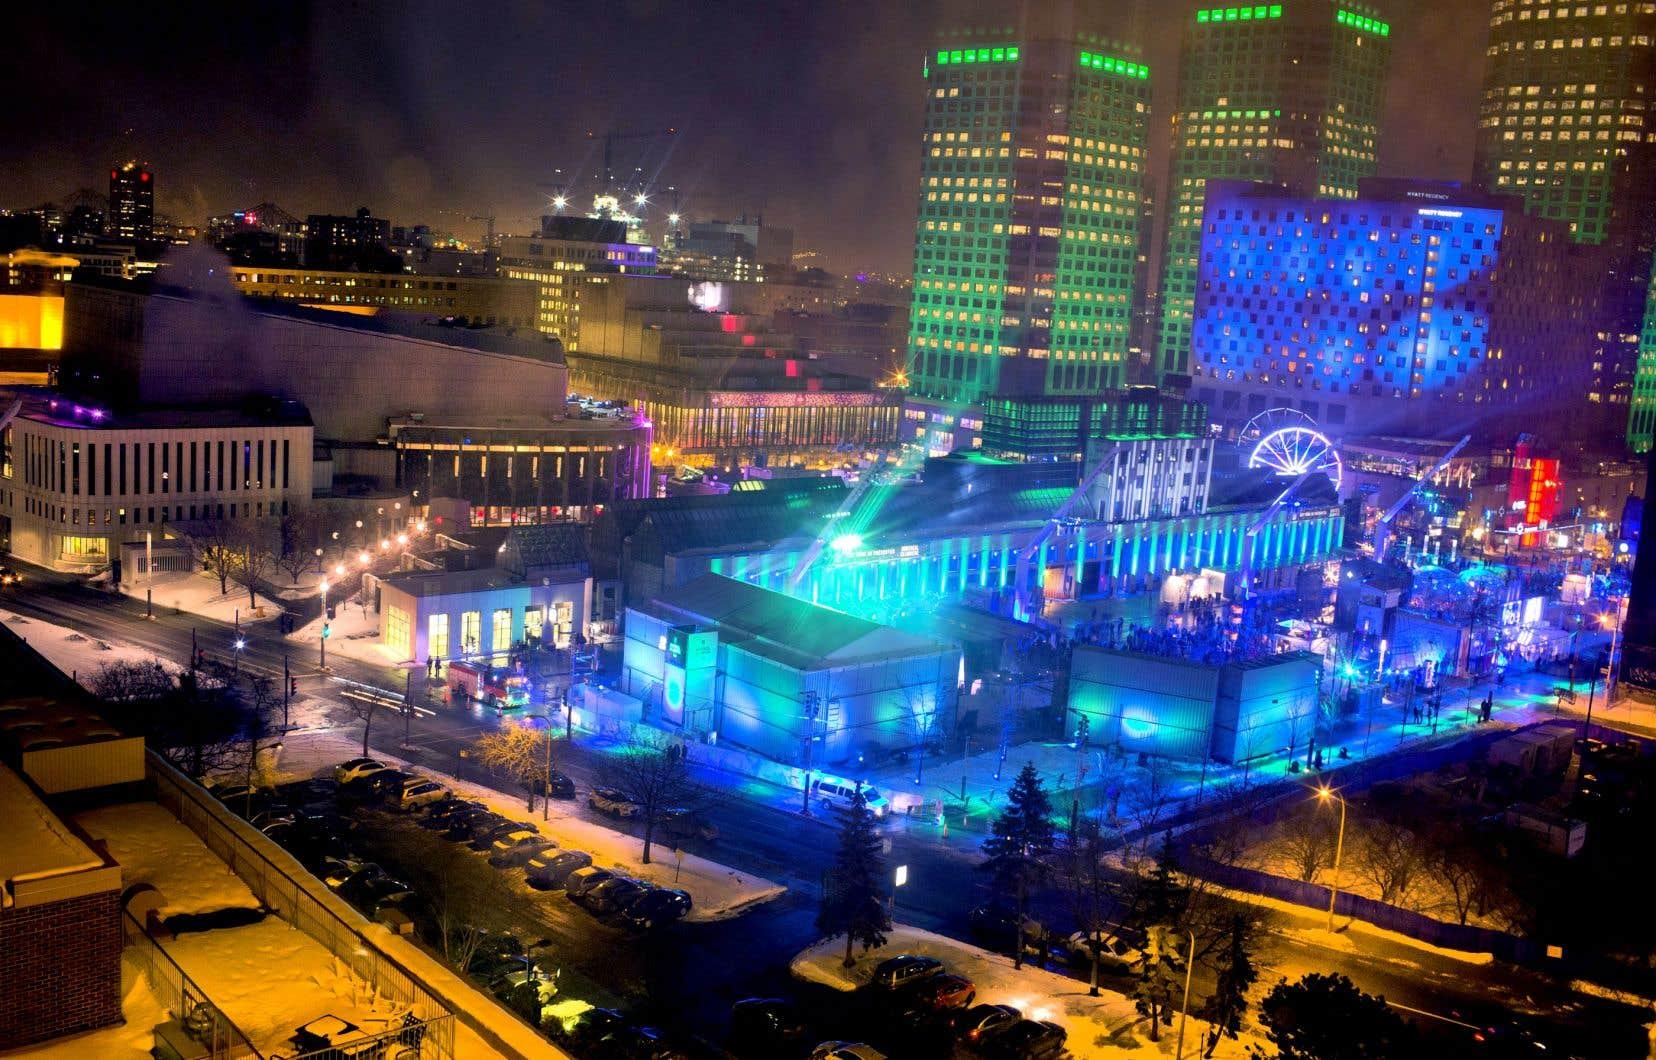 Le Quartier des spectacles et sa place des Festivals — aménagés en 2009 au coût de 200millions de dollars — ont connu d'importants changements au cours de la dernière décennie.